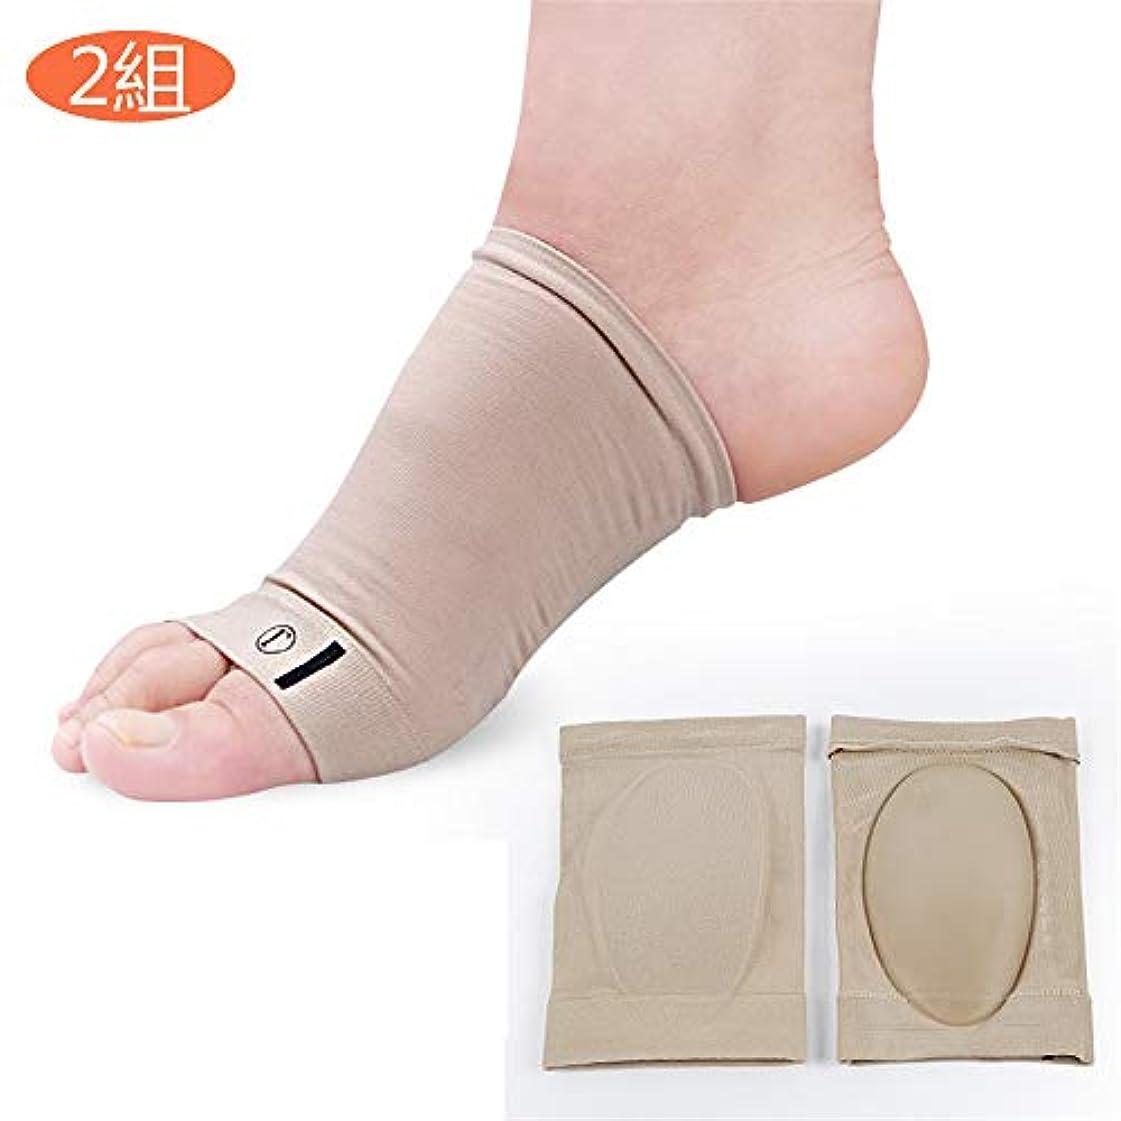 発生器ショルダー編集者[HonLena] 足底筋膜炎 サポーター 偏平足 足 むくみ 解消 グッズ (2組) 肌色